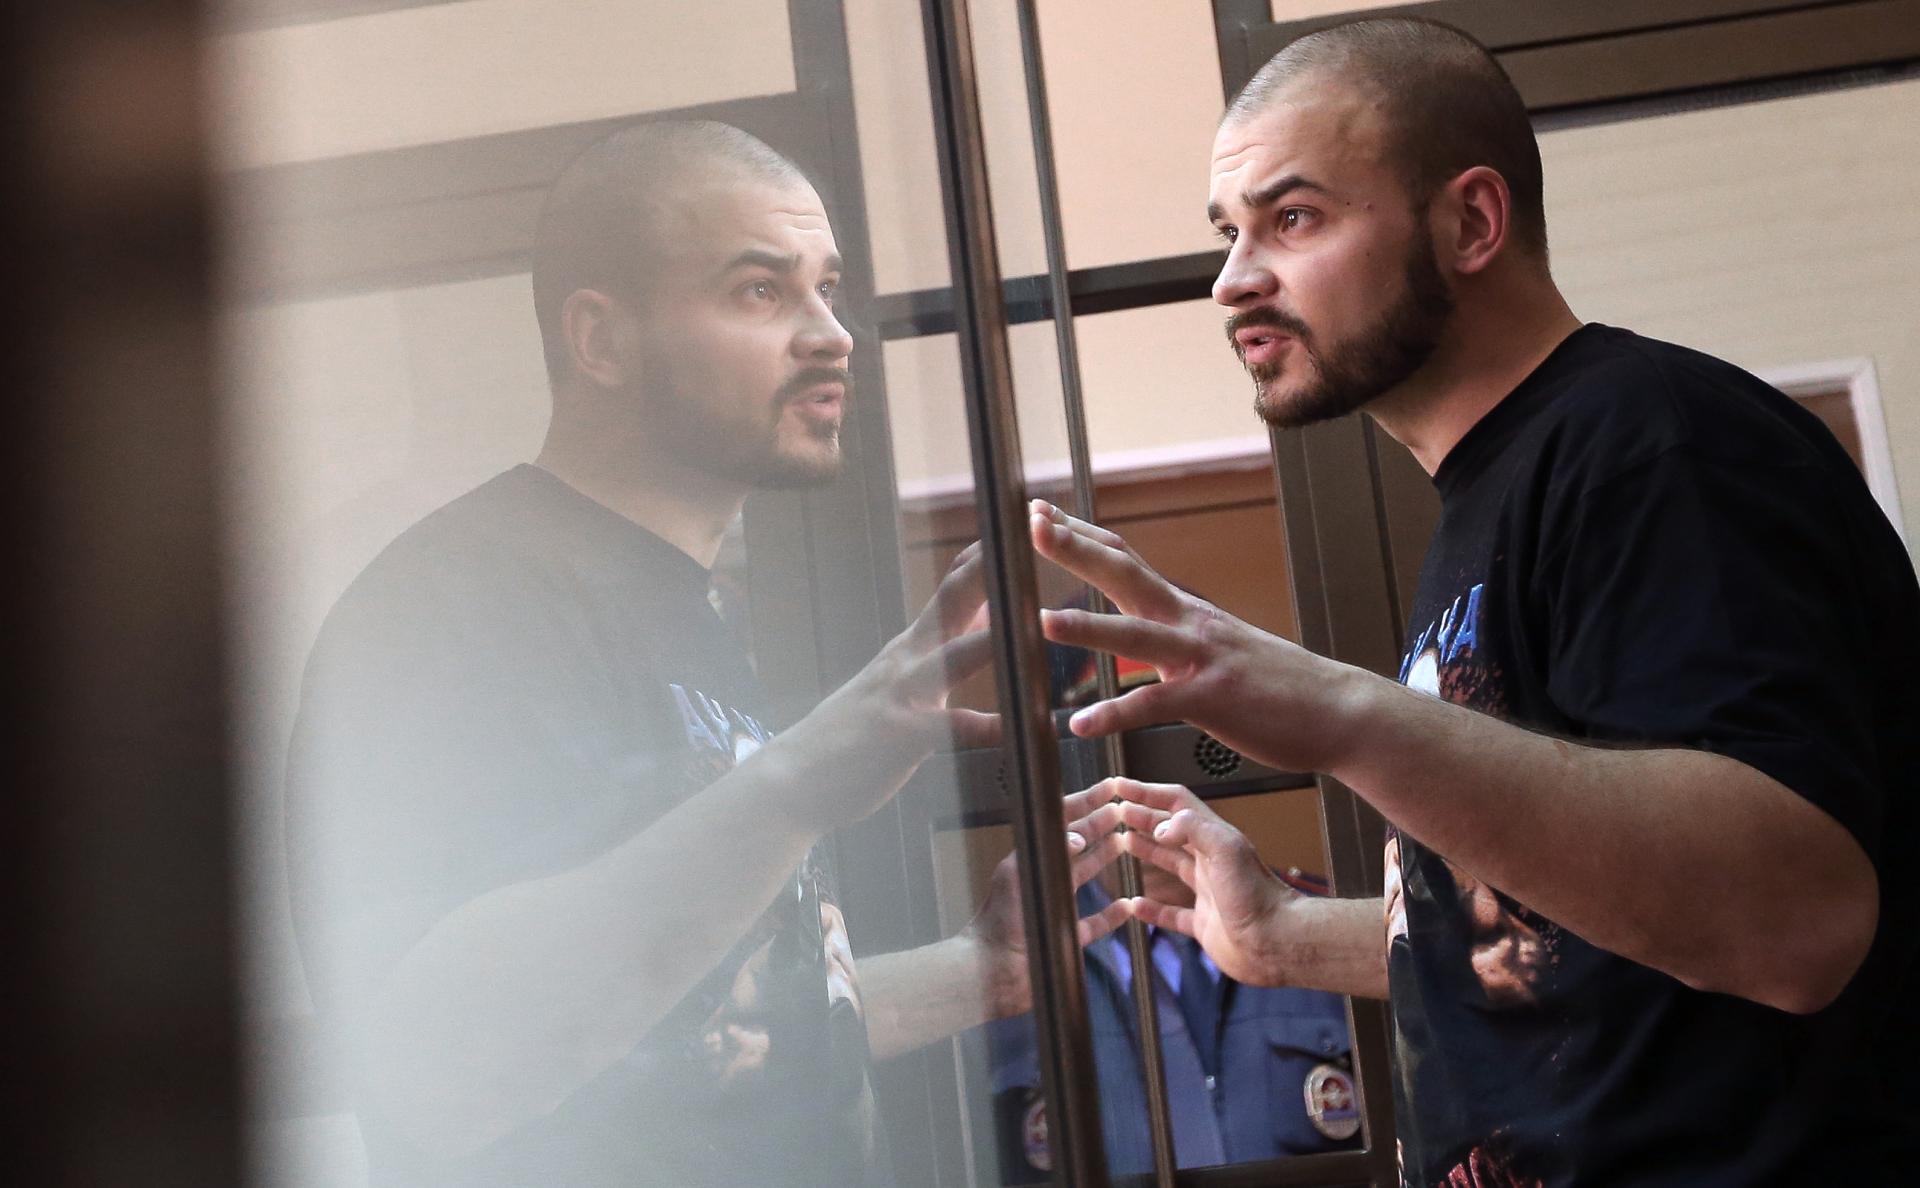 Адвокат сообщила о жалобе в СПЧ в мае из-за давления на Тесака в СИЗО